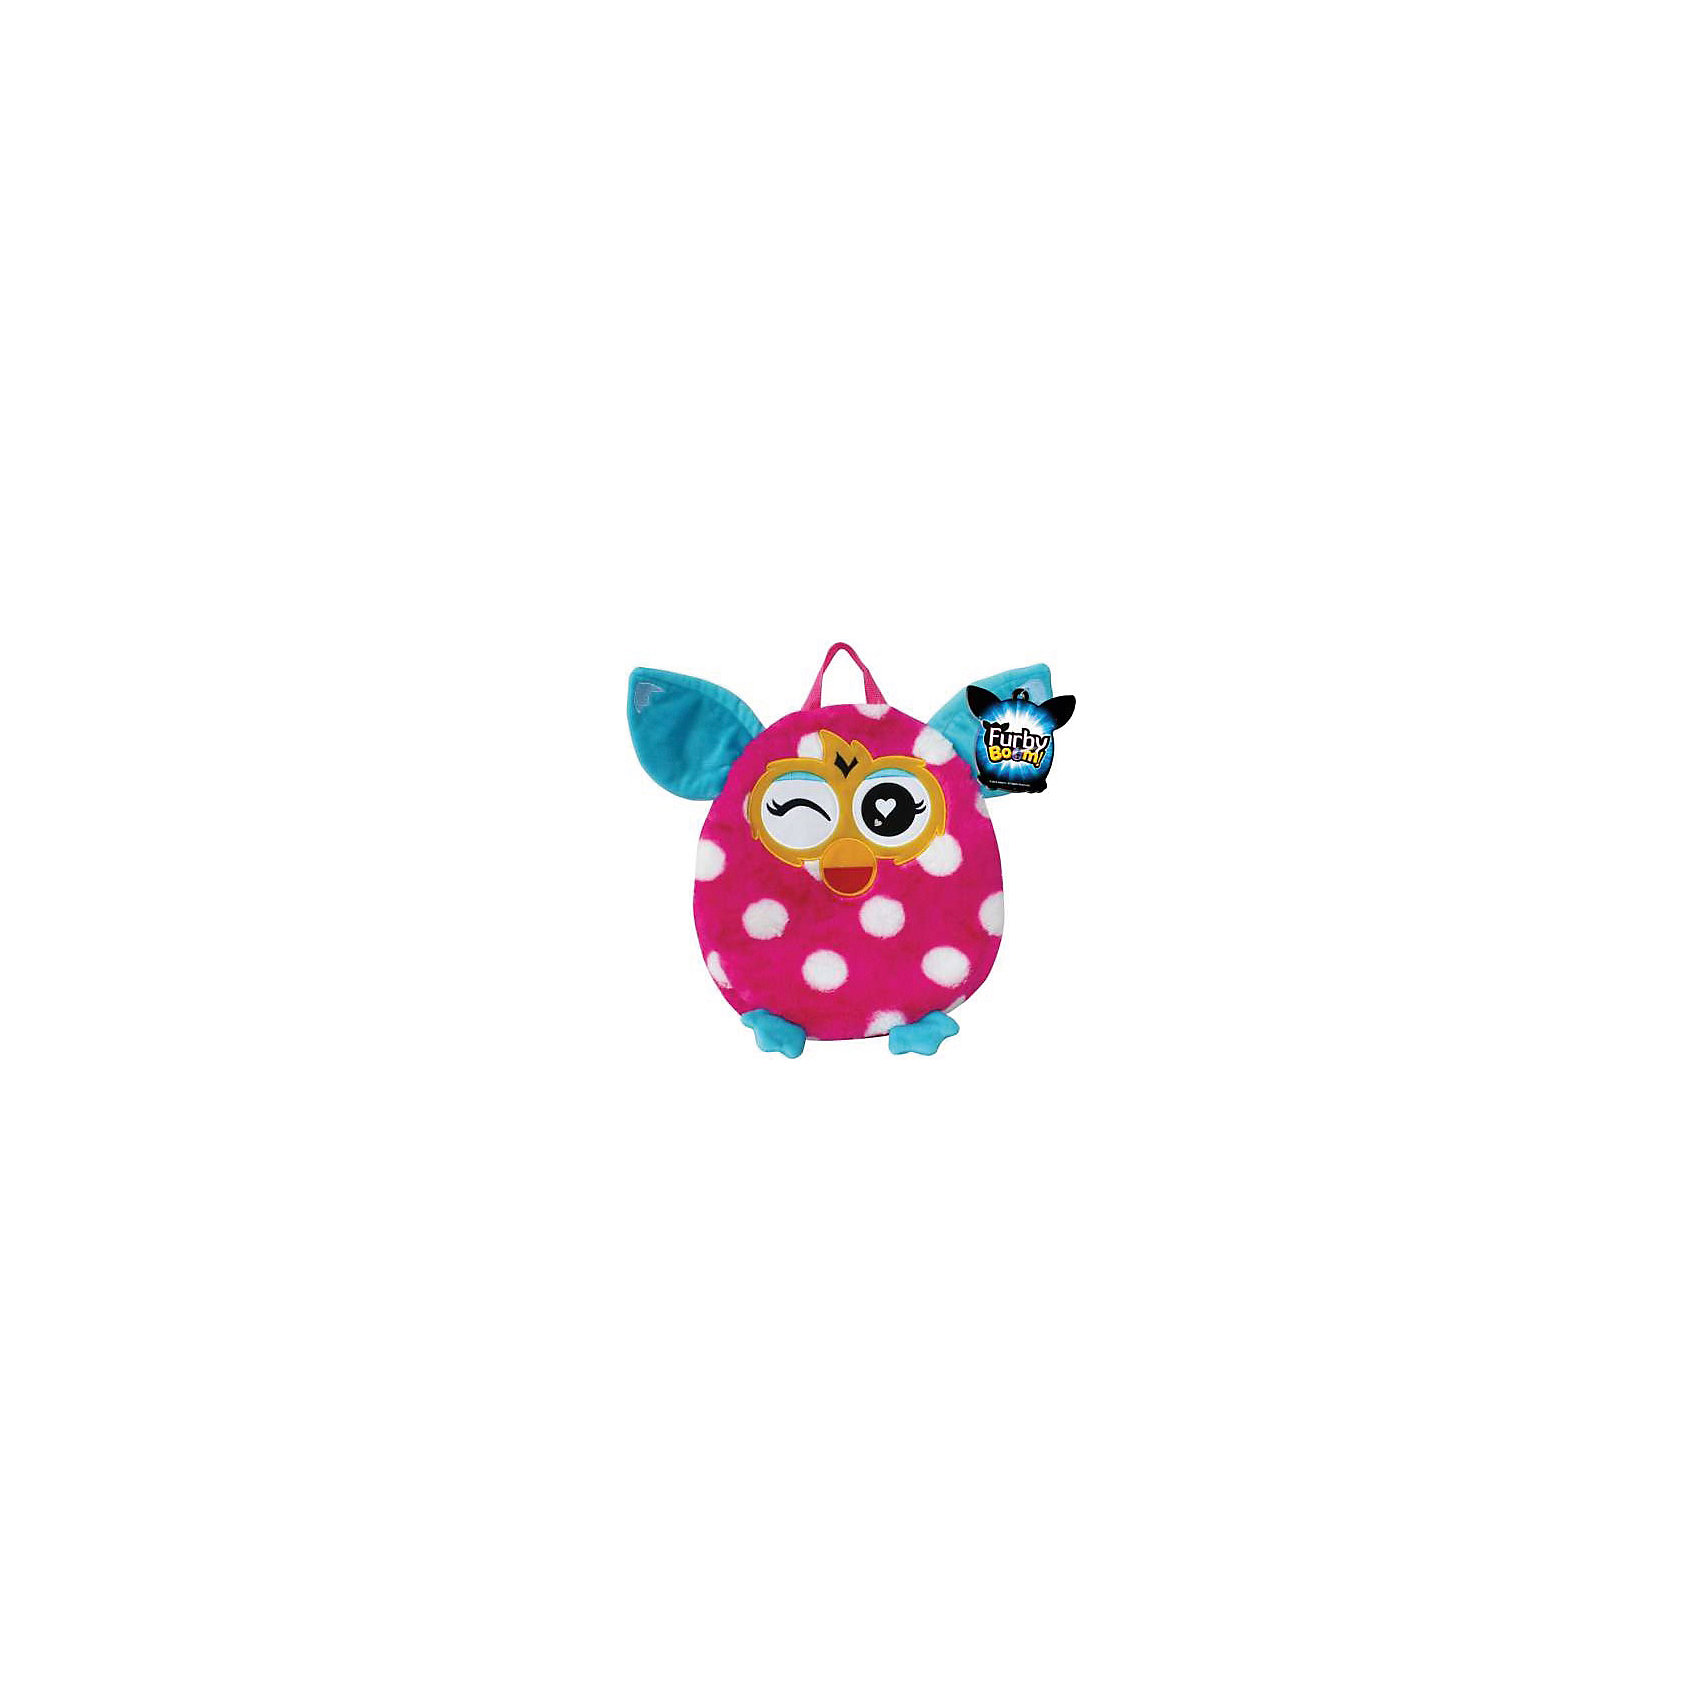 - Furby рюкзак 35 см, в горошек, 1Toy furby рюкзак 35 см в полоску 1toy